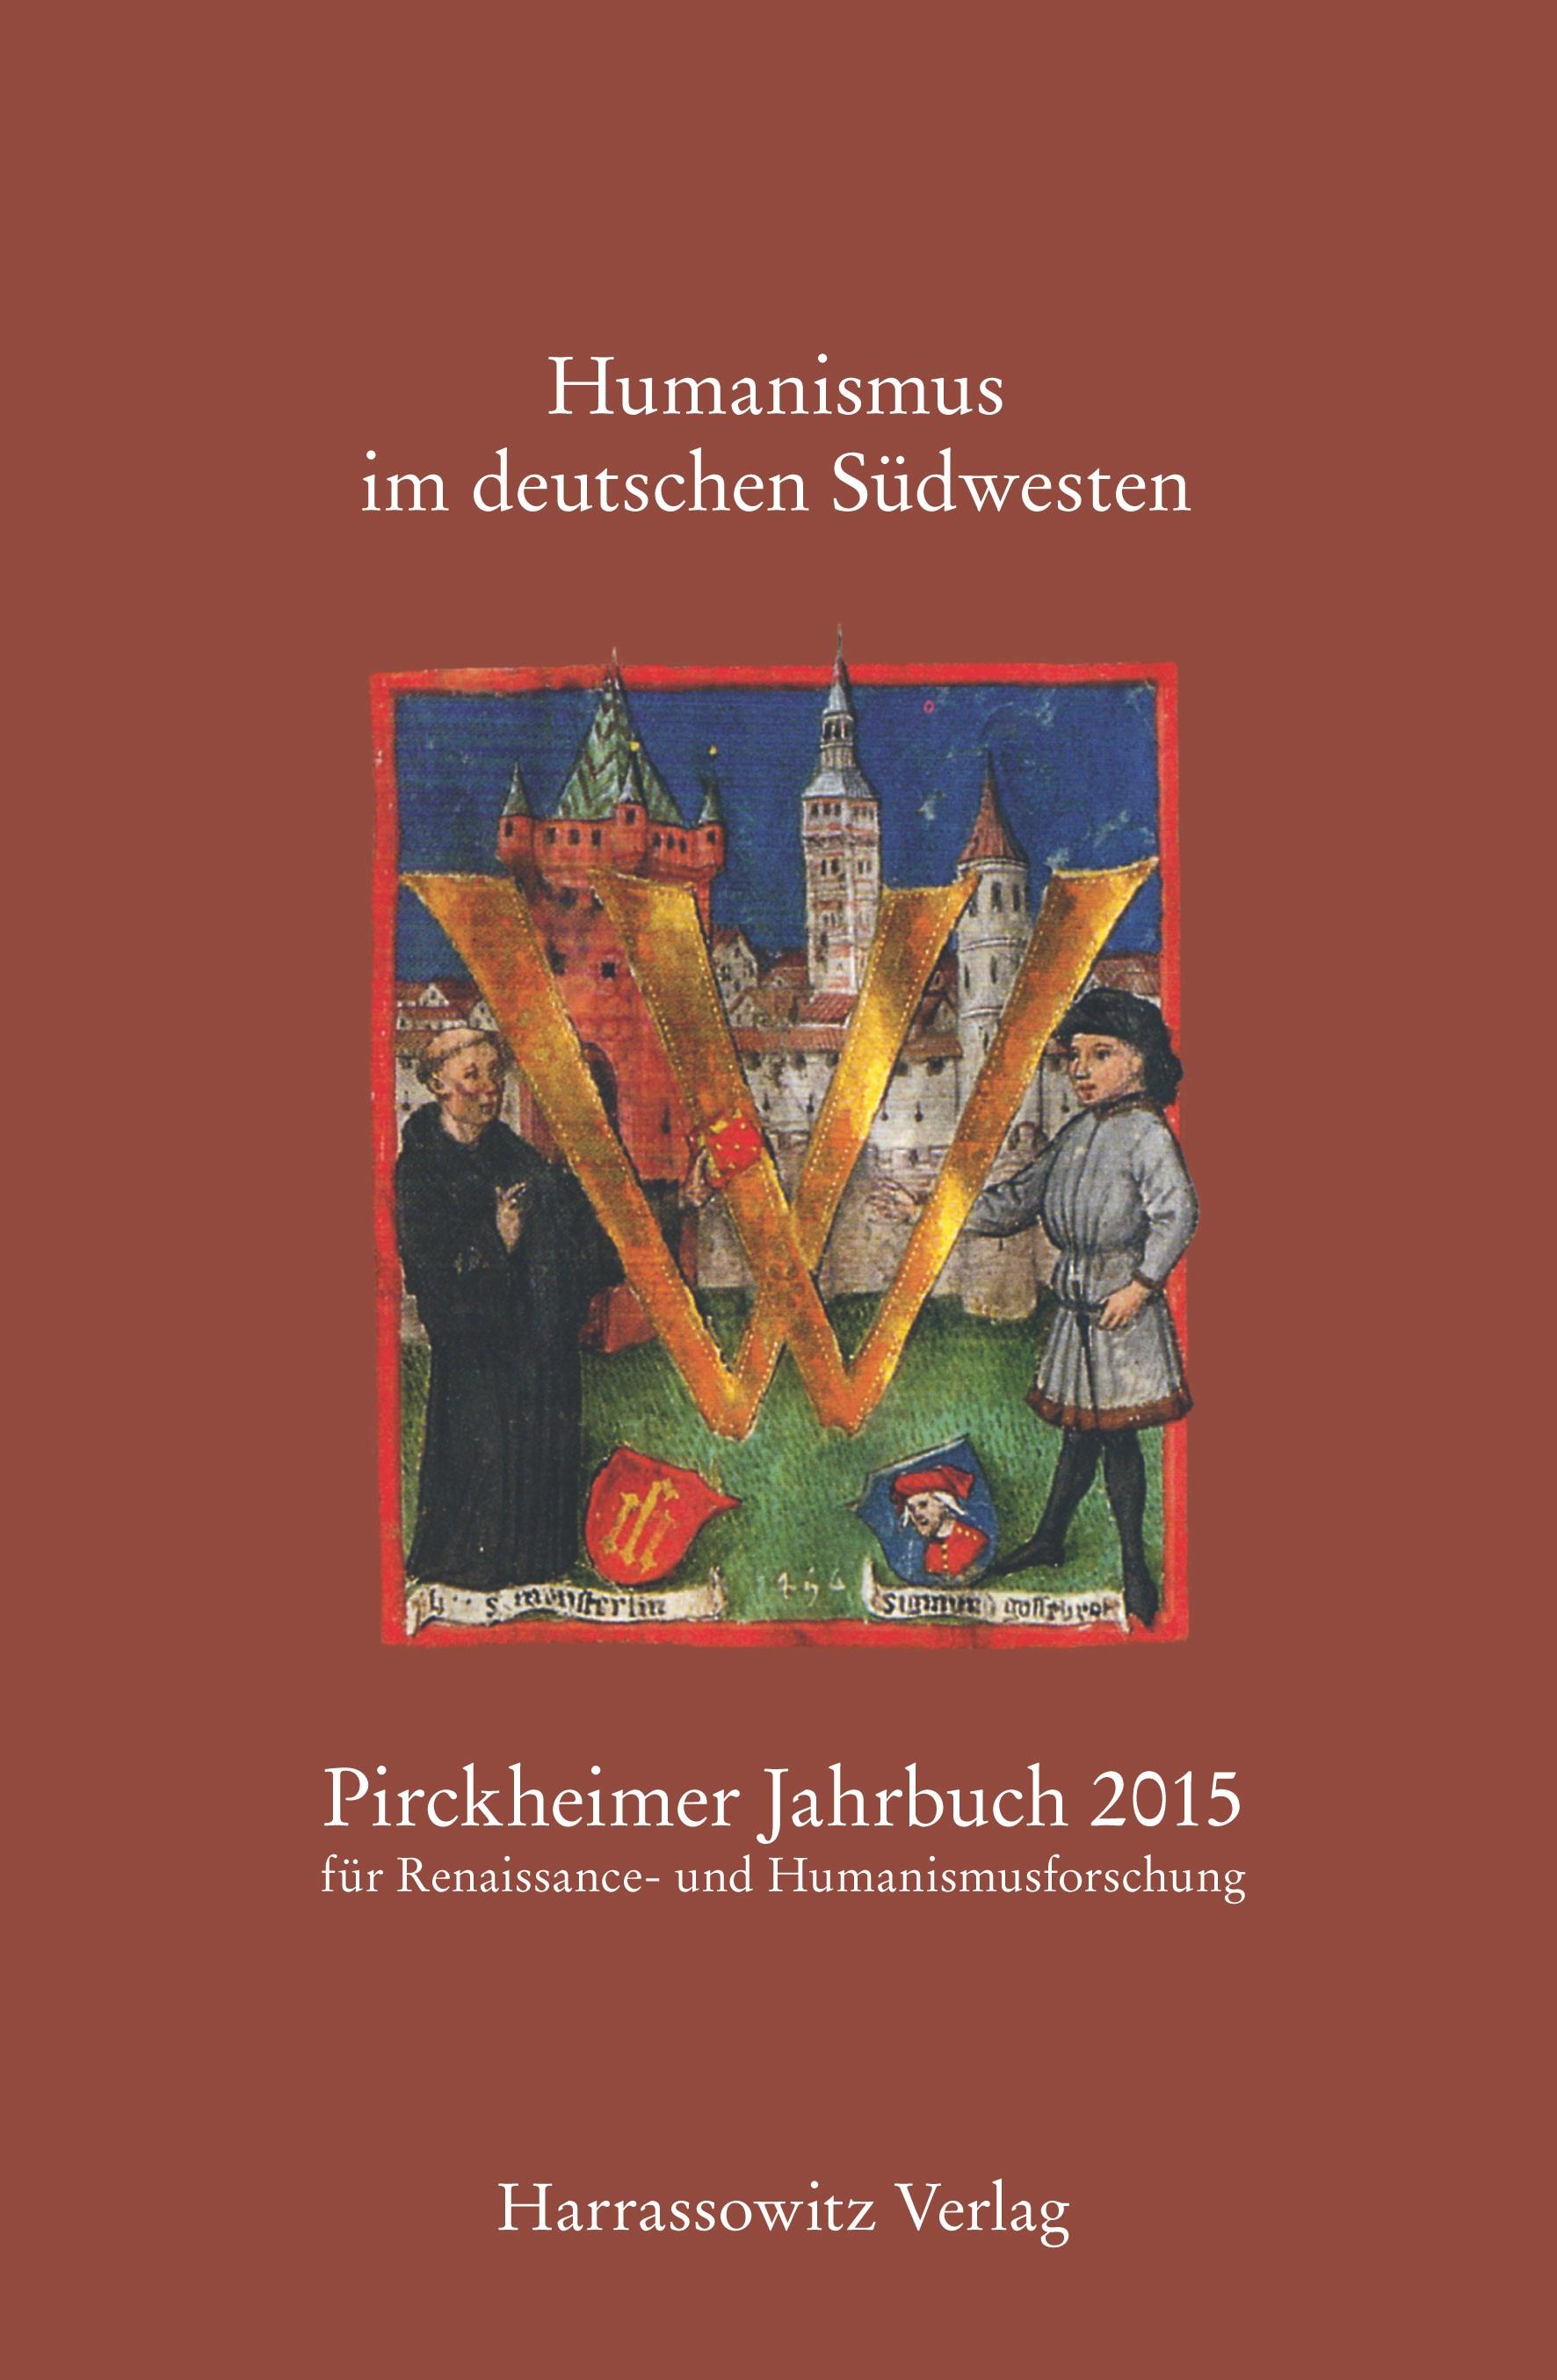 Pirckheimer Jahrbuch 29 (2015) | Litz, 2015 | Buch (Cover)